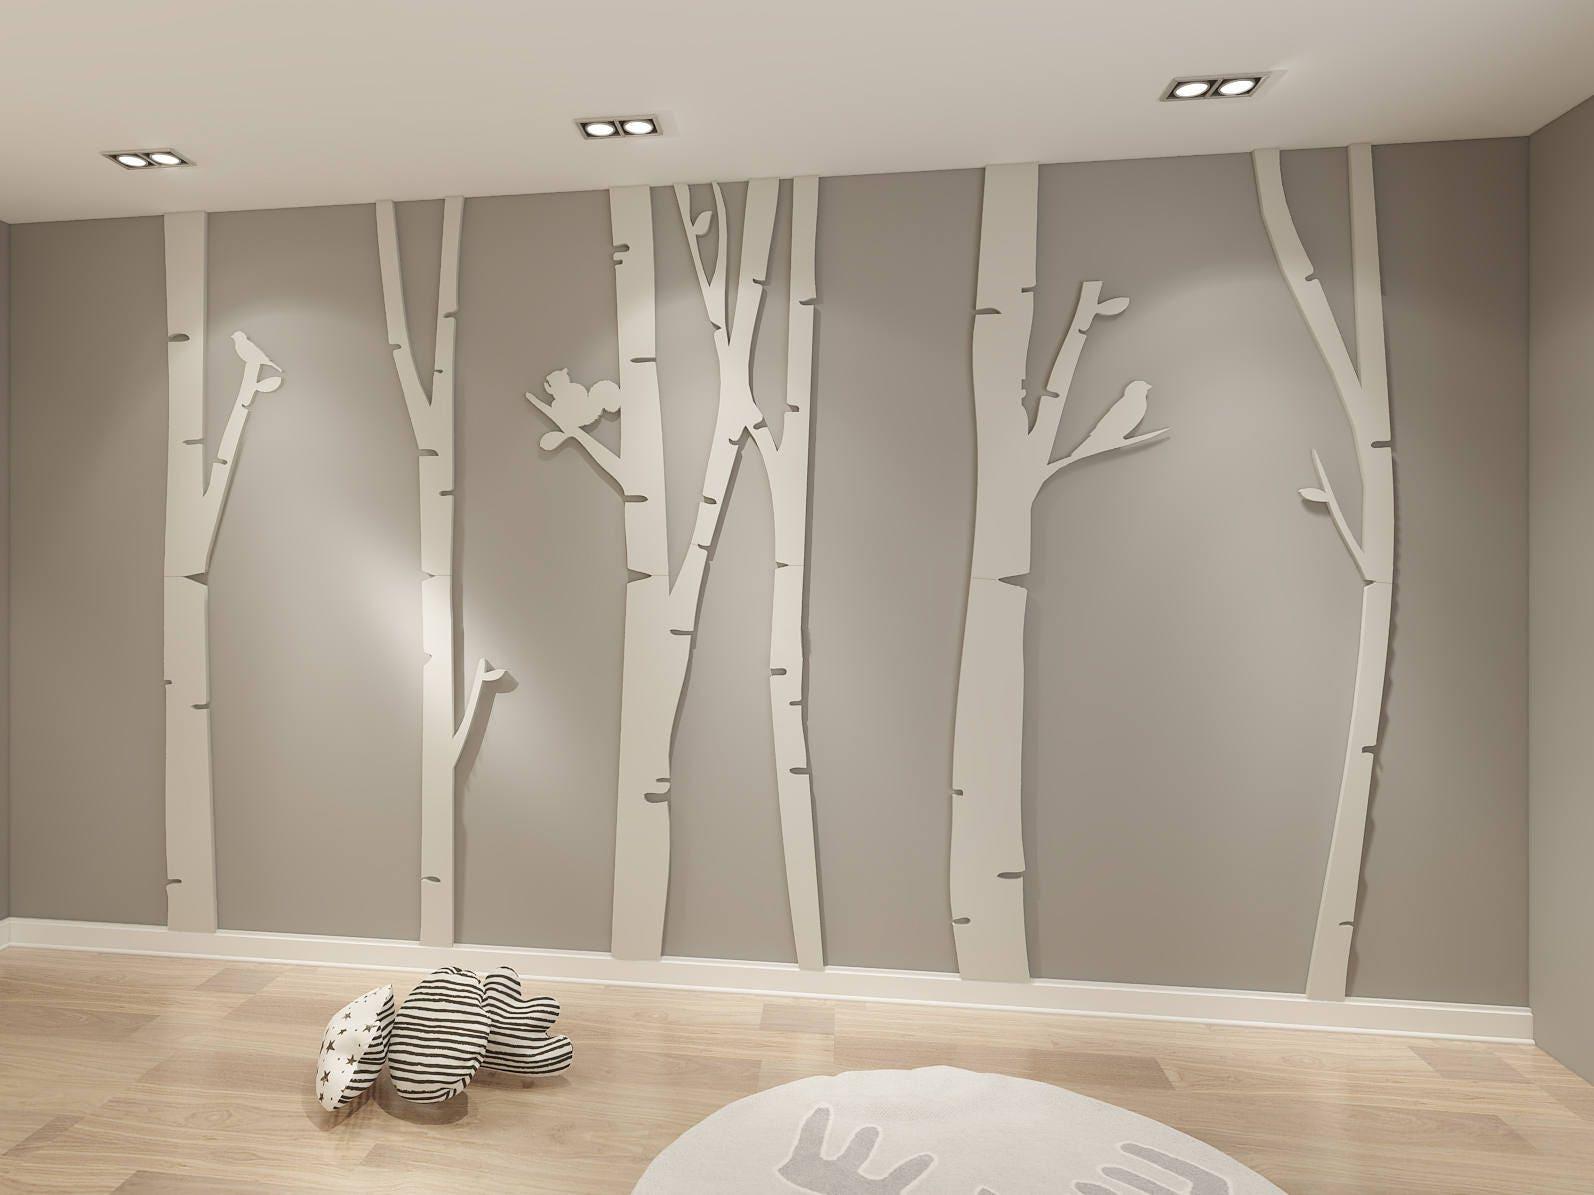 Birke Birke Stück 3D Dekorative Birke Birken-Holz Dekor